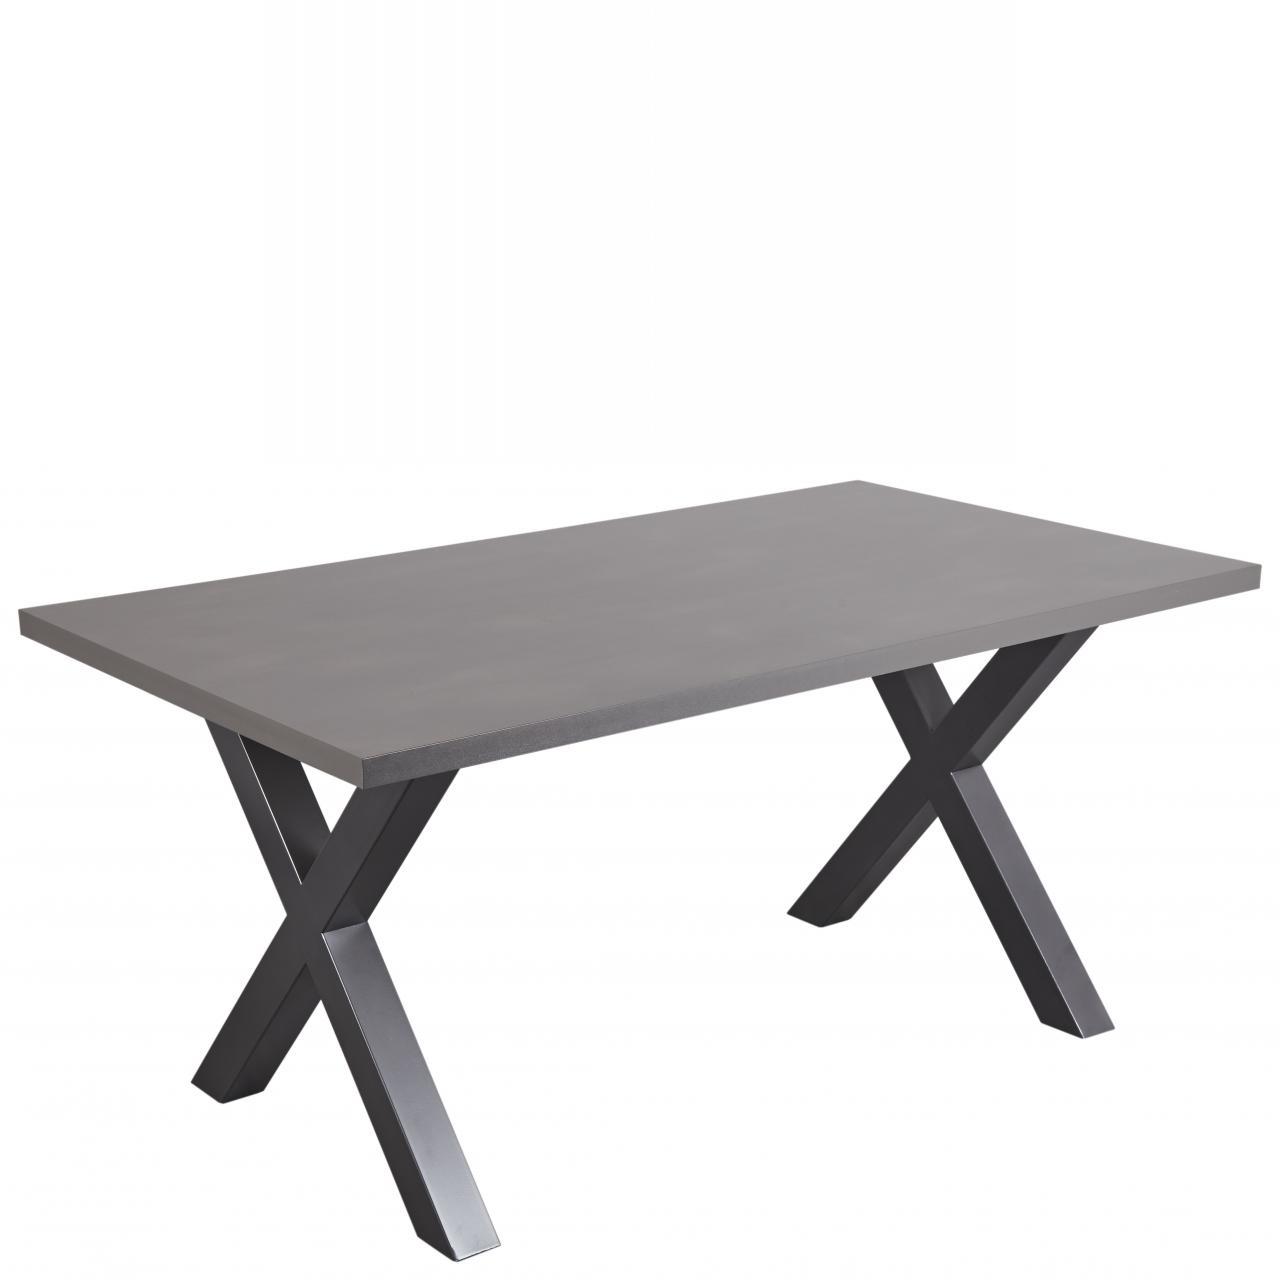 Tisch Metal 2 Raw Steel Graphit X-Gestell Küchentisch Esszimmertisch Esstisch